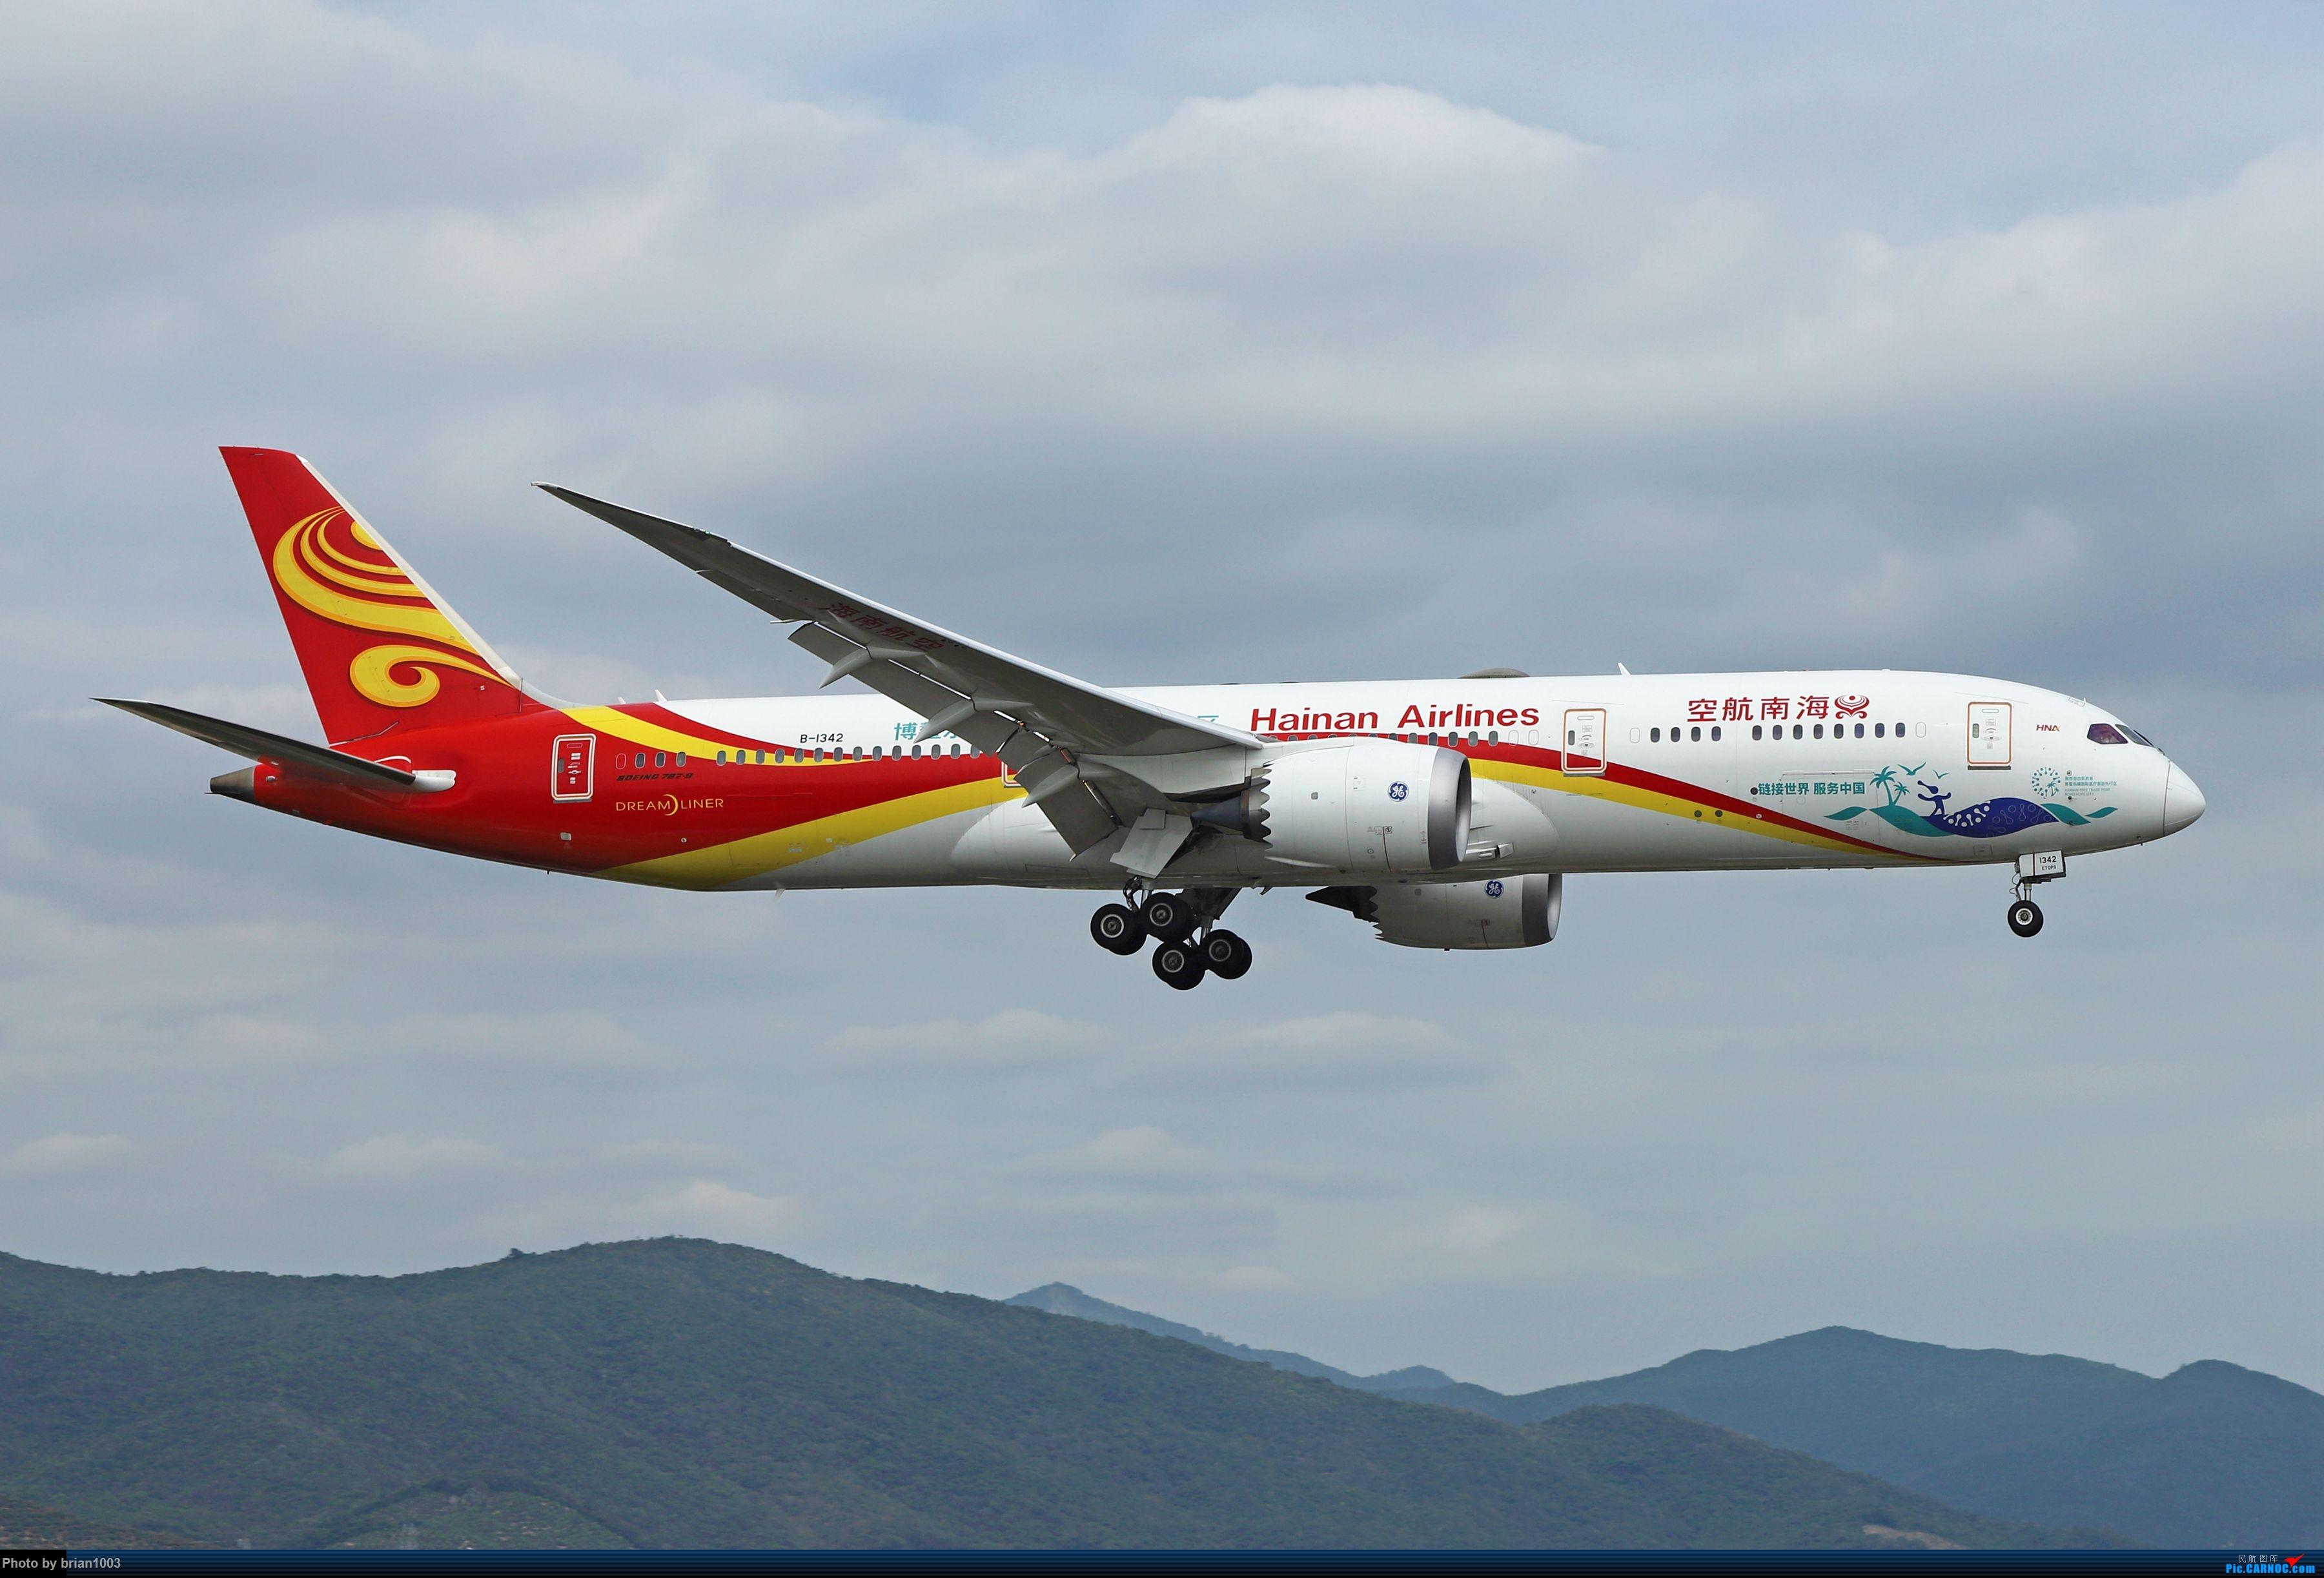 Re:[原创]CZ3347-CZ6734-HU7659,忙里偷闲的三亚拍机之行 BOEING 787-9 B-1342 中国三亚凤凰国际机场